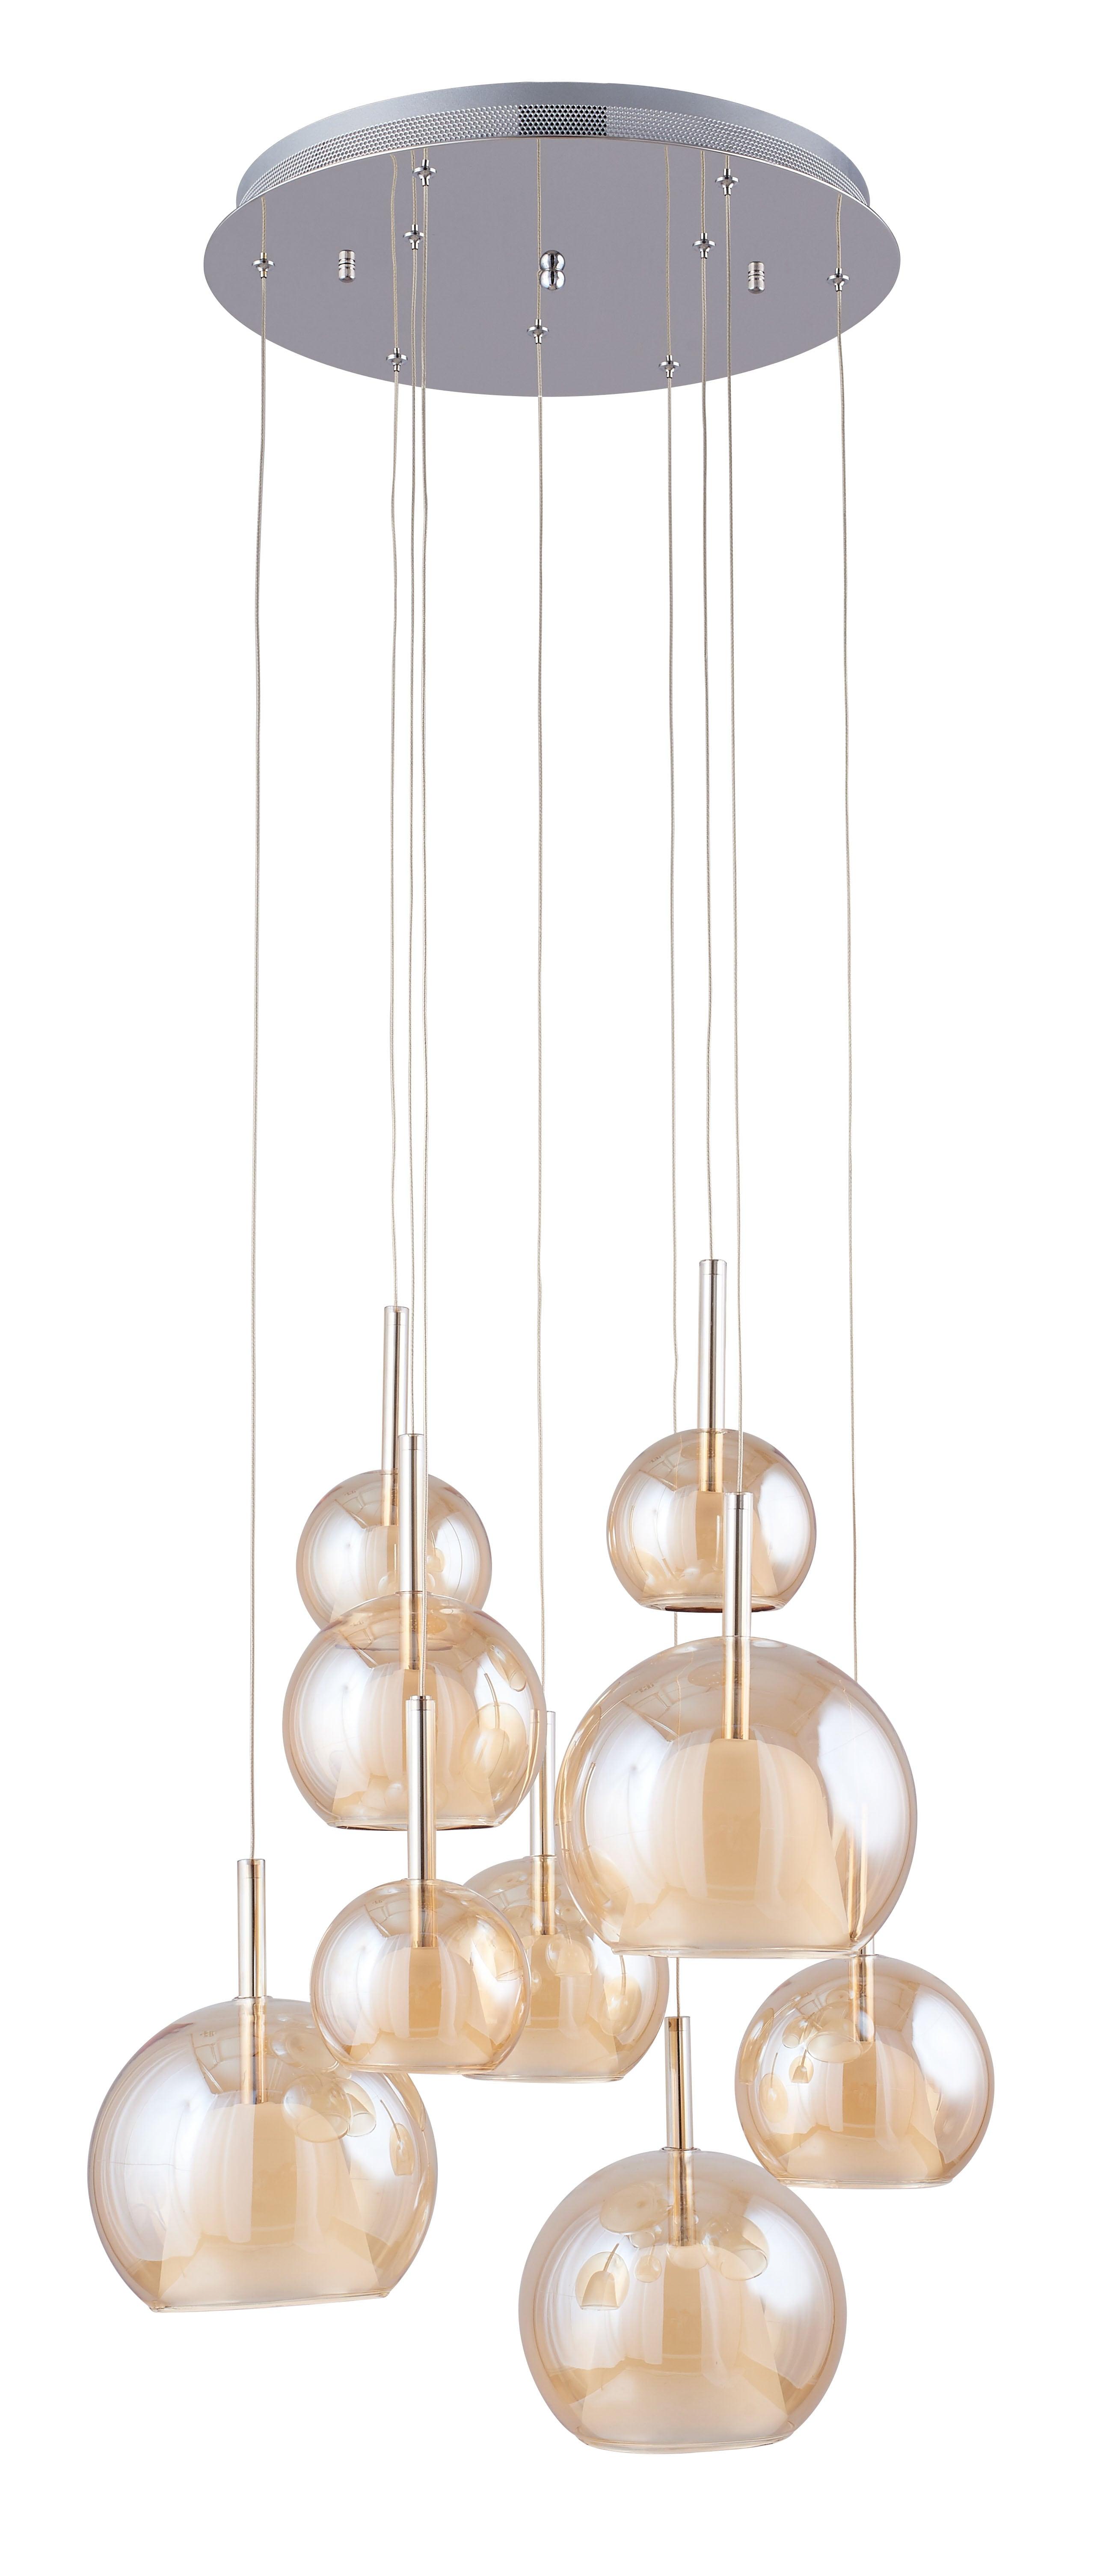 Lampă cu pandantiv Bellissima crom / Champagne G4 20W cu nouă puncte